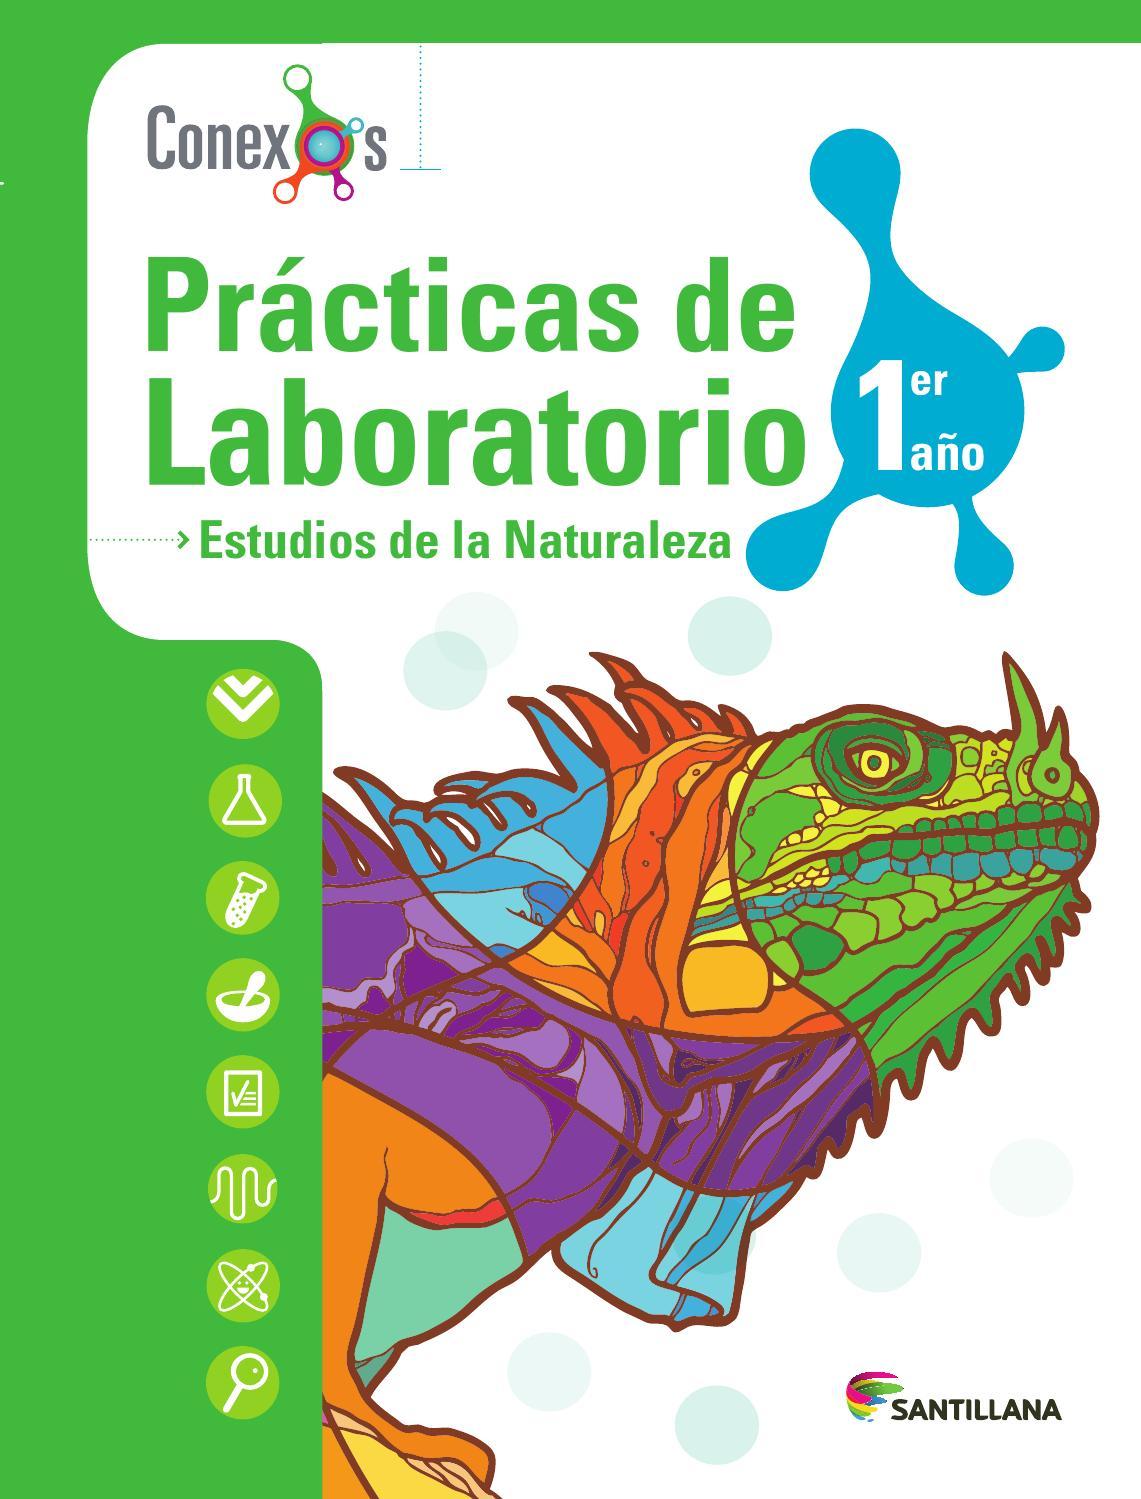 Prácticas de Laboratorio Estudios de la Naturaleza 1er año - Conexos ...